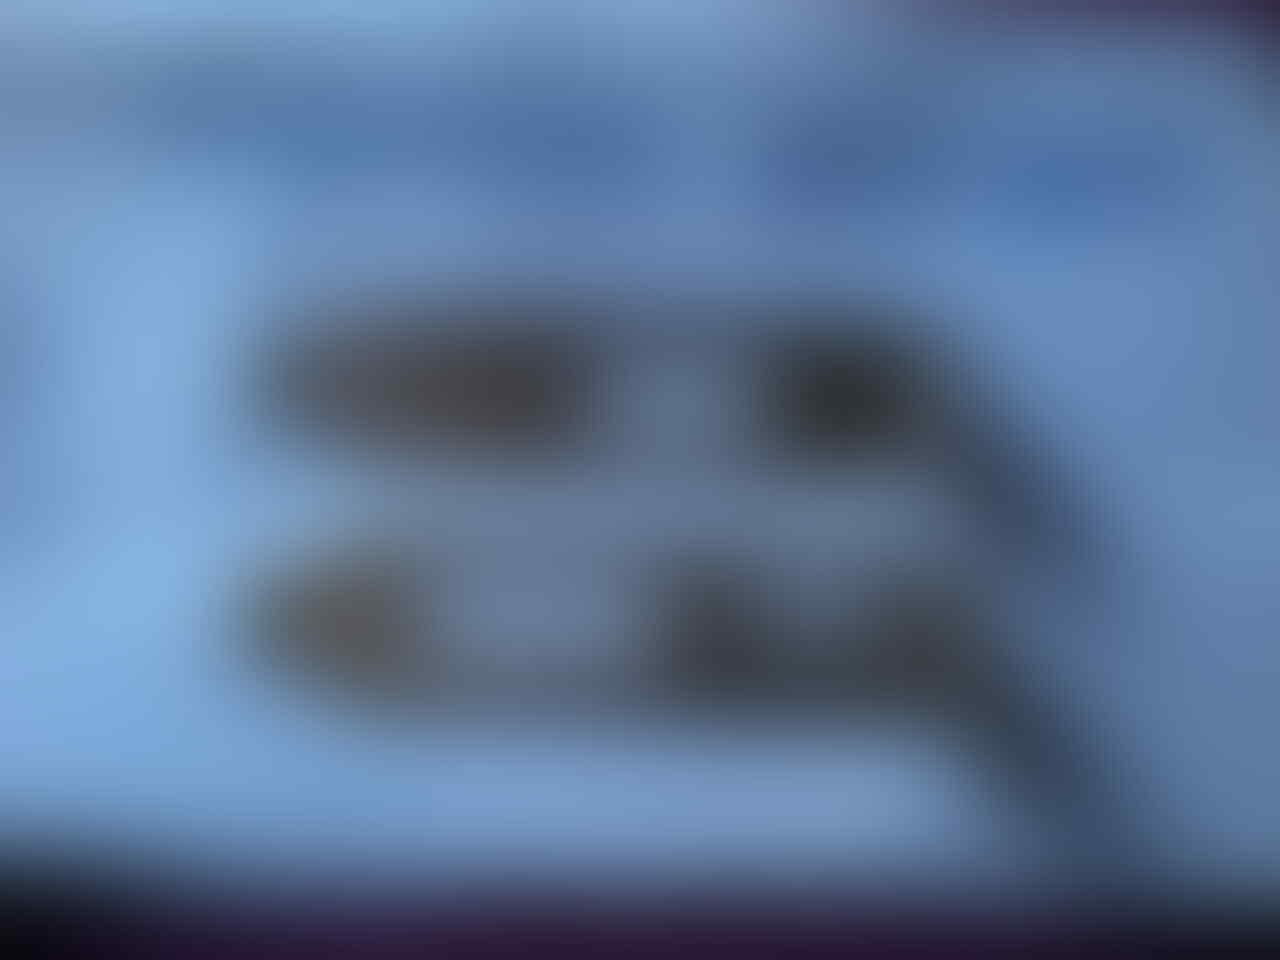 Bracket back plate VGA low profile HDMI DVI dan D-Sub